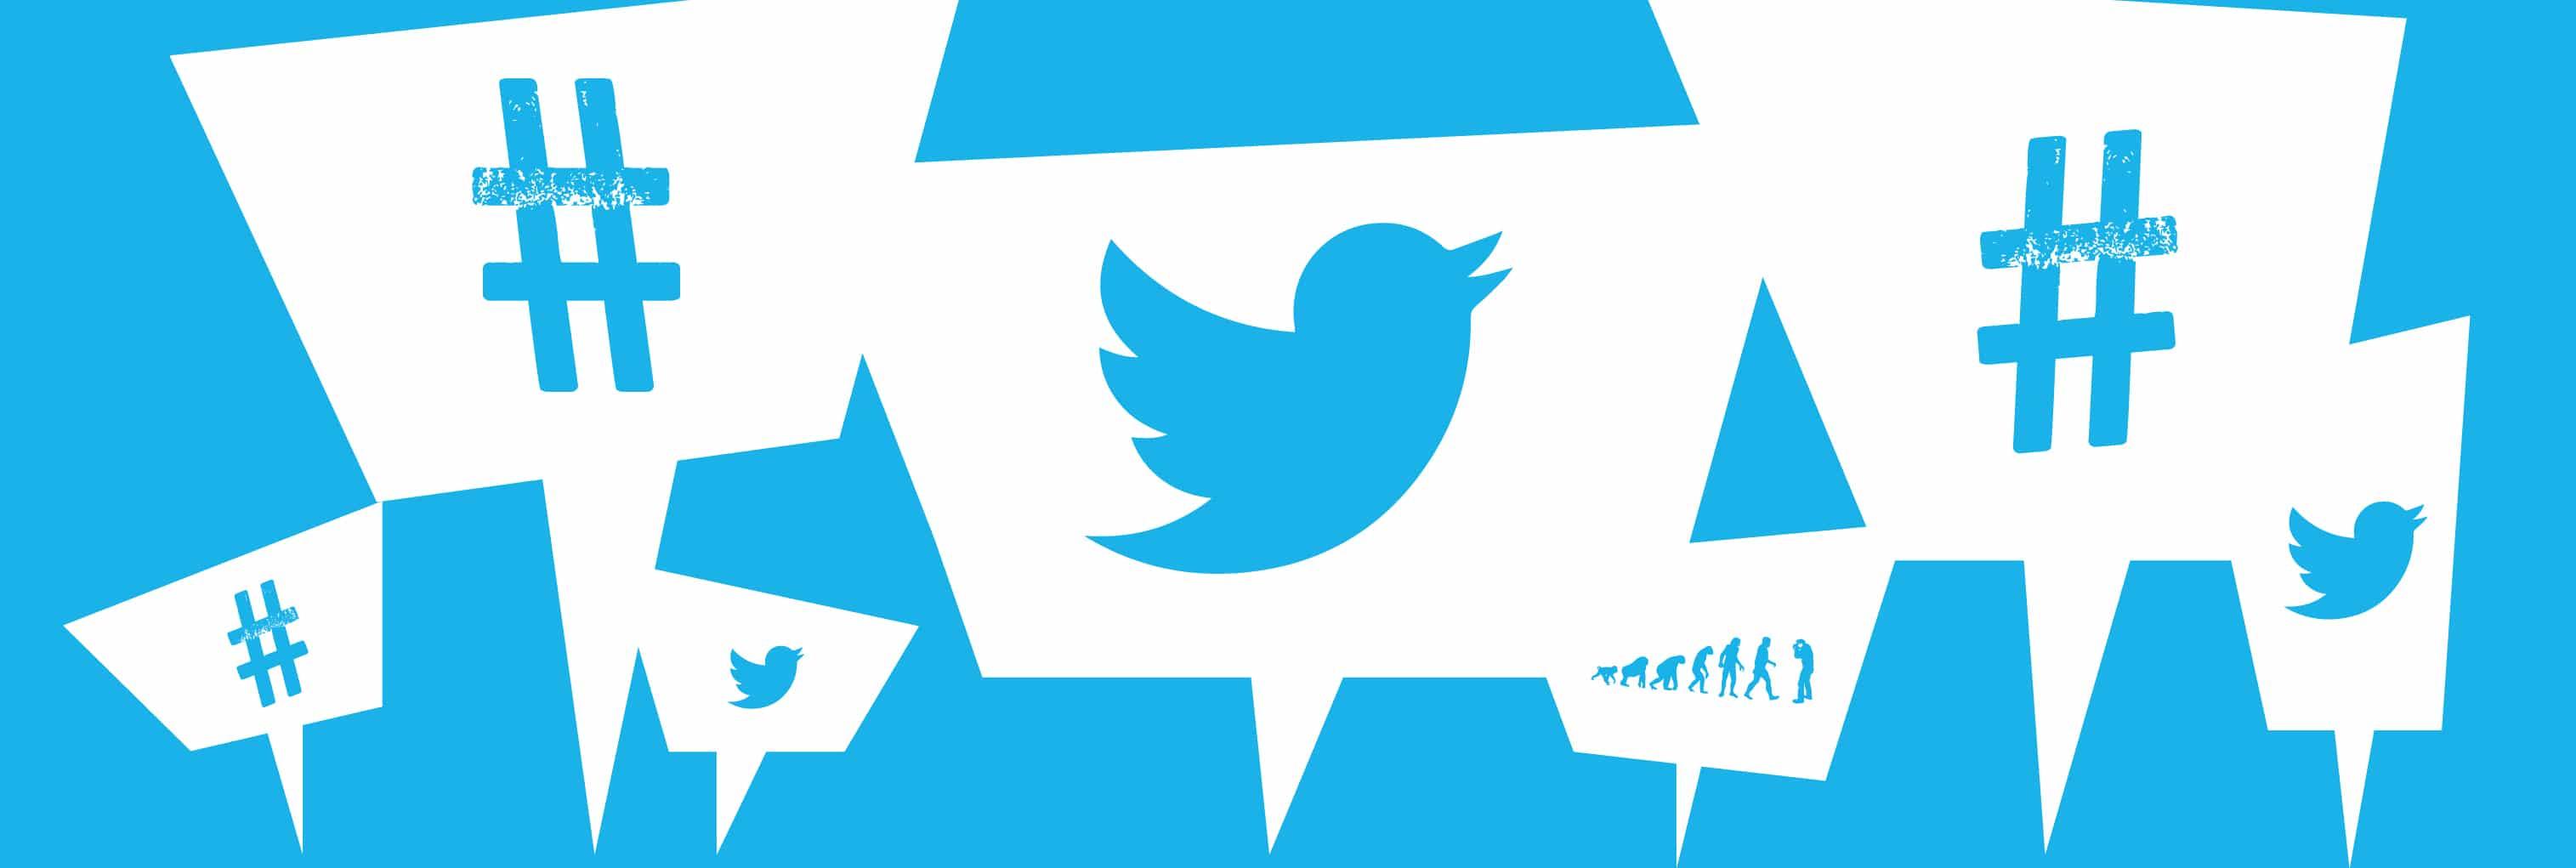 générer davantage de leads et de les convertir plus facilement en clients sur twitter